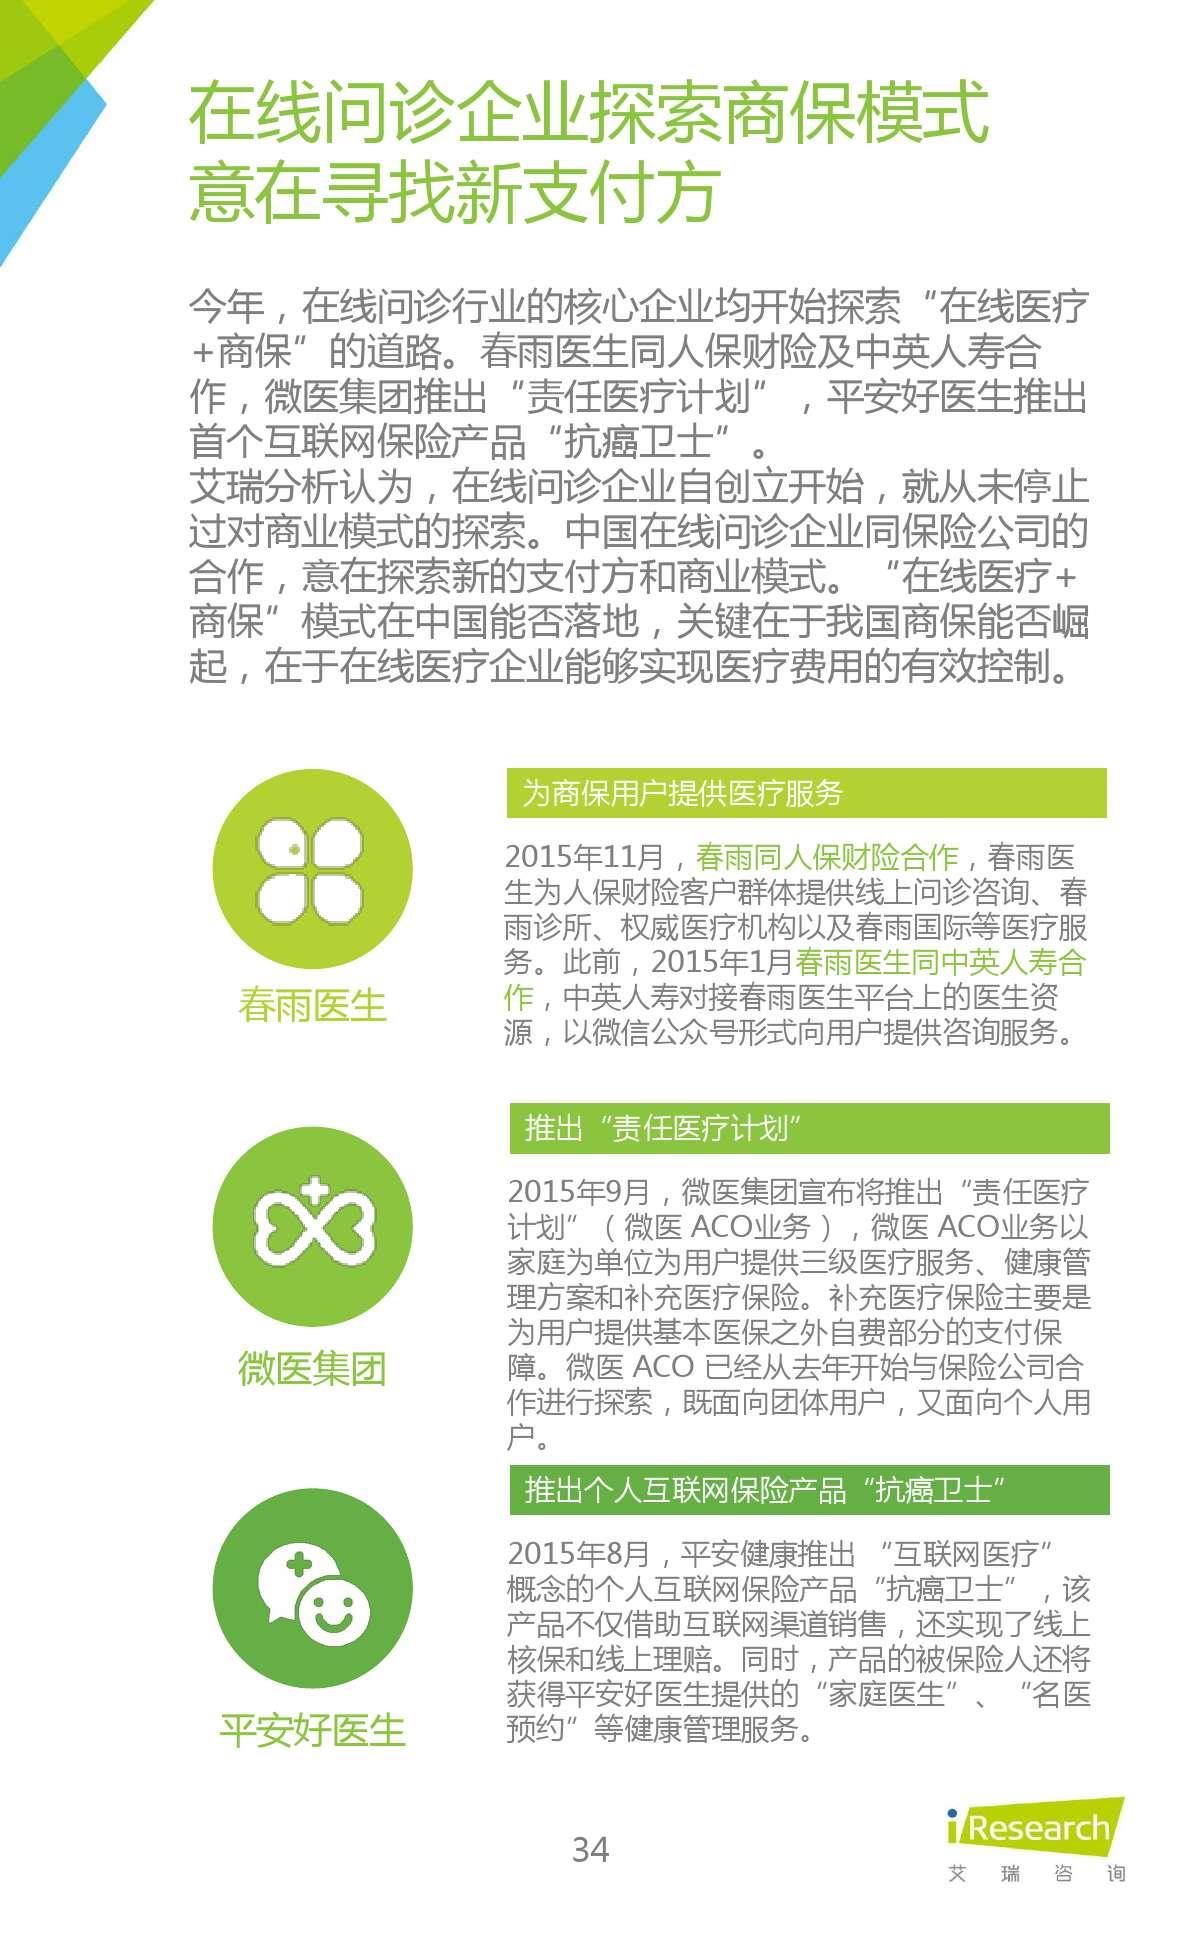 2015年中国在线问诊行业研究报告_000034